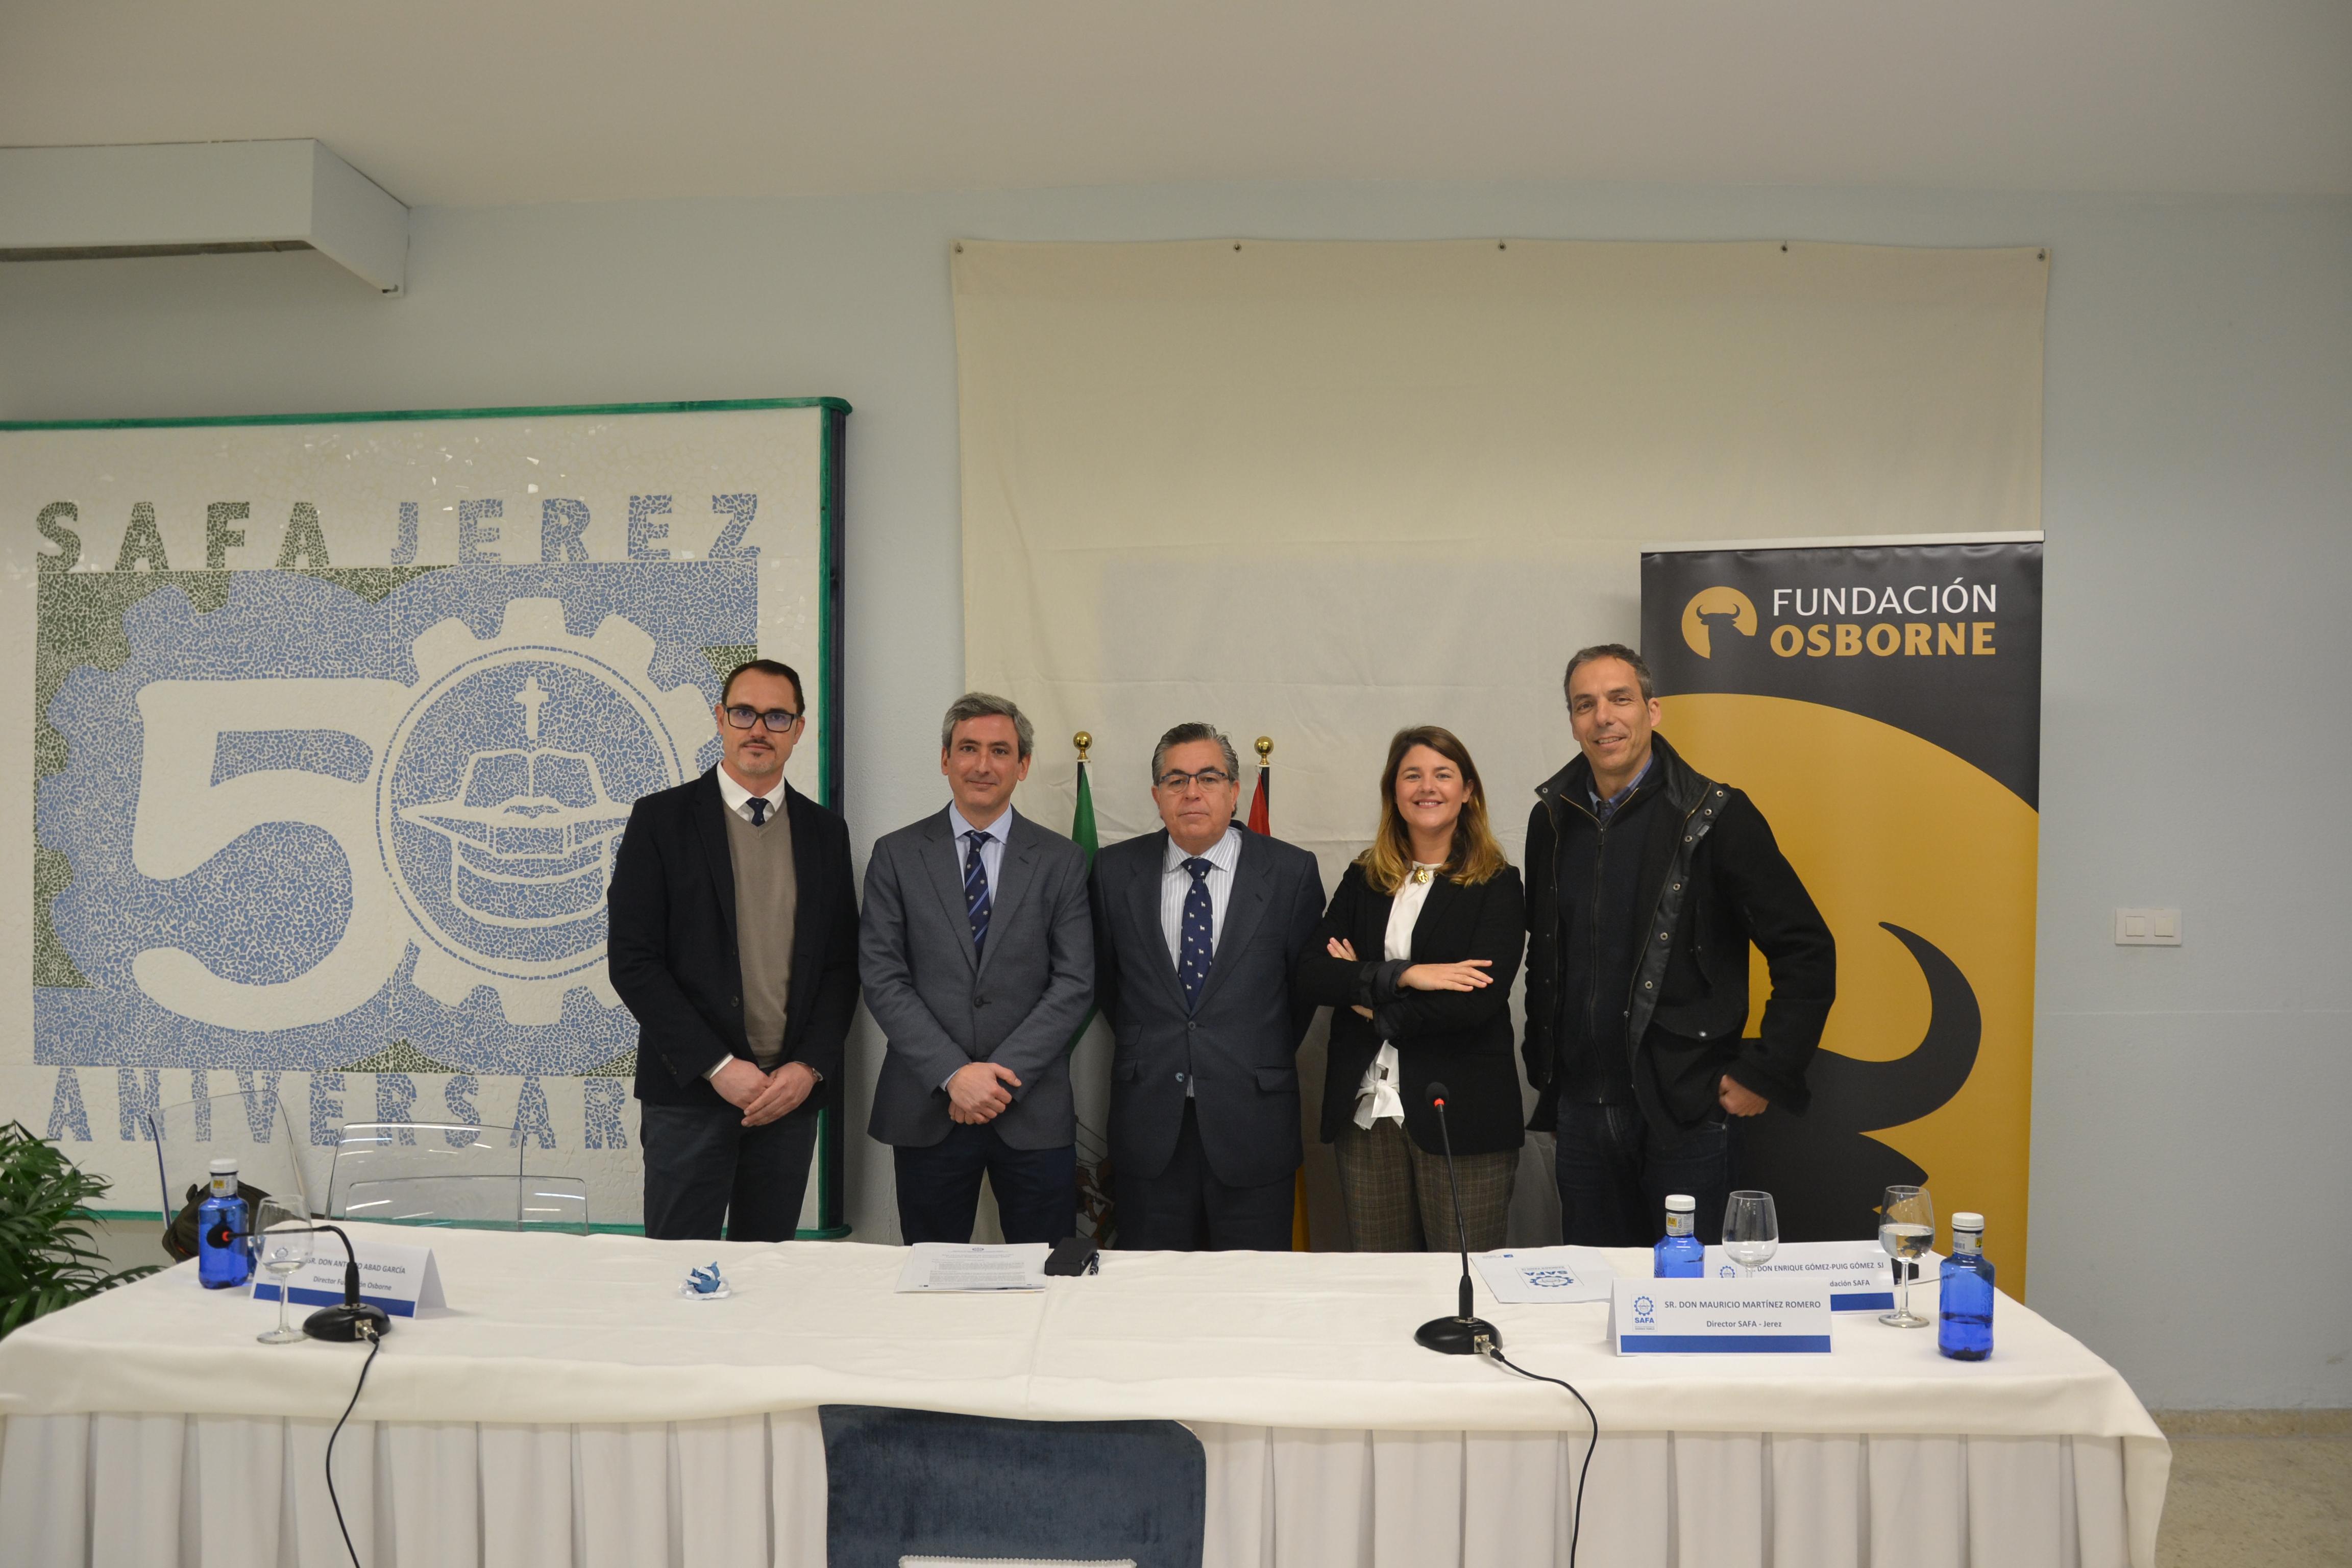 Firma del Convenio entre SAFA y FUNDACION OSBORNE